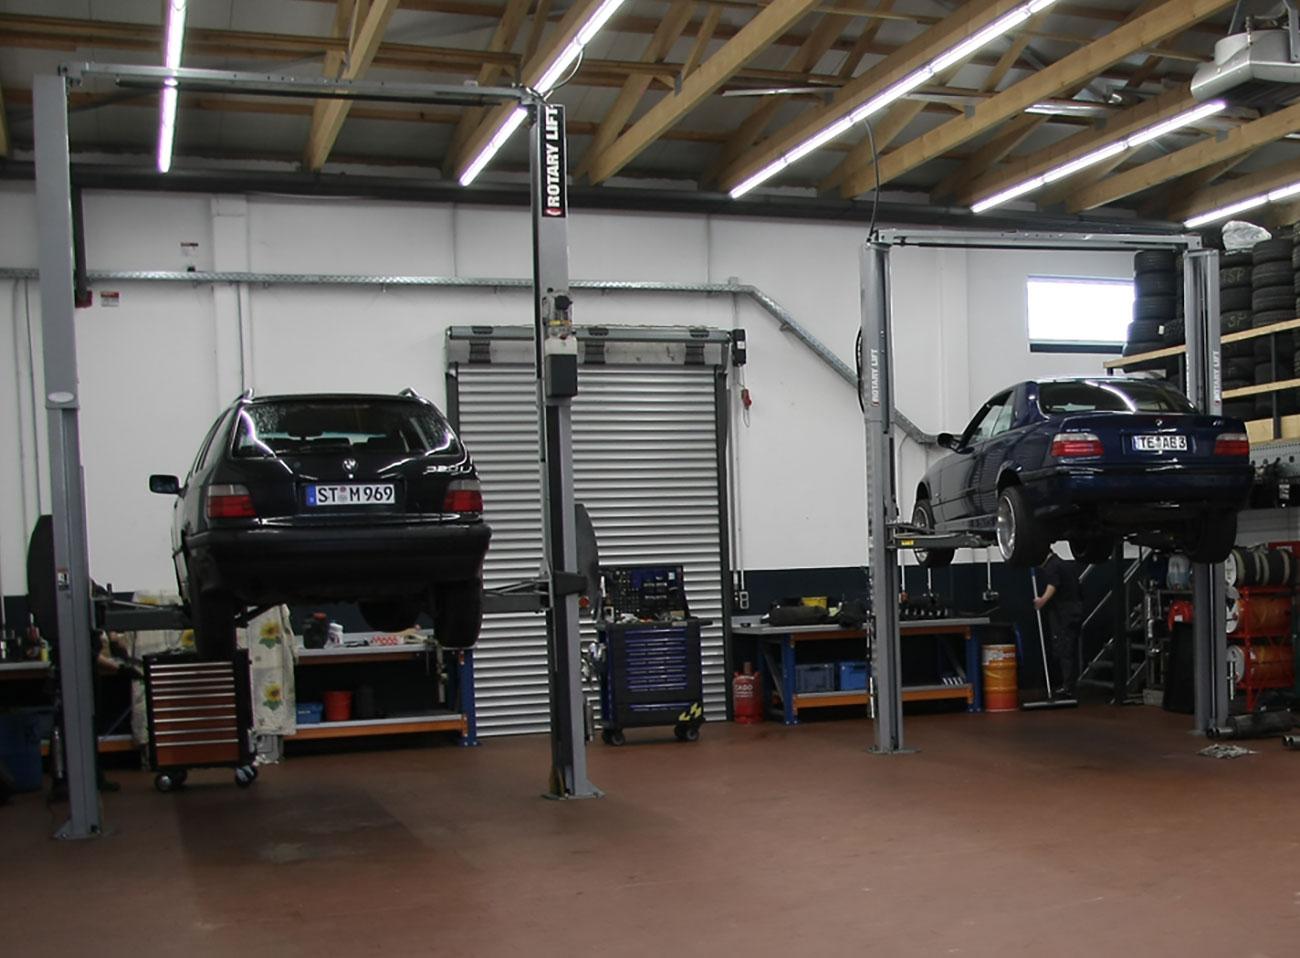 auto motor kraus, kfz-werkstatt, werkstatt, unfallschadenabwicklung ...